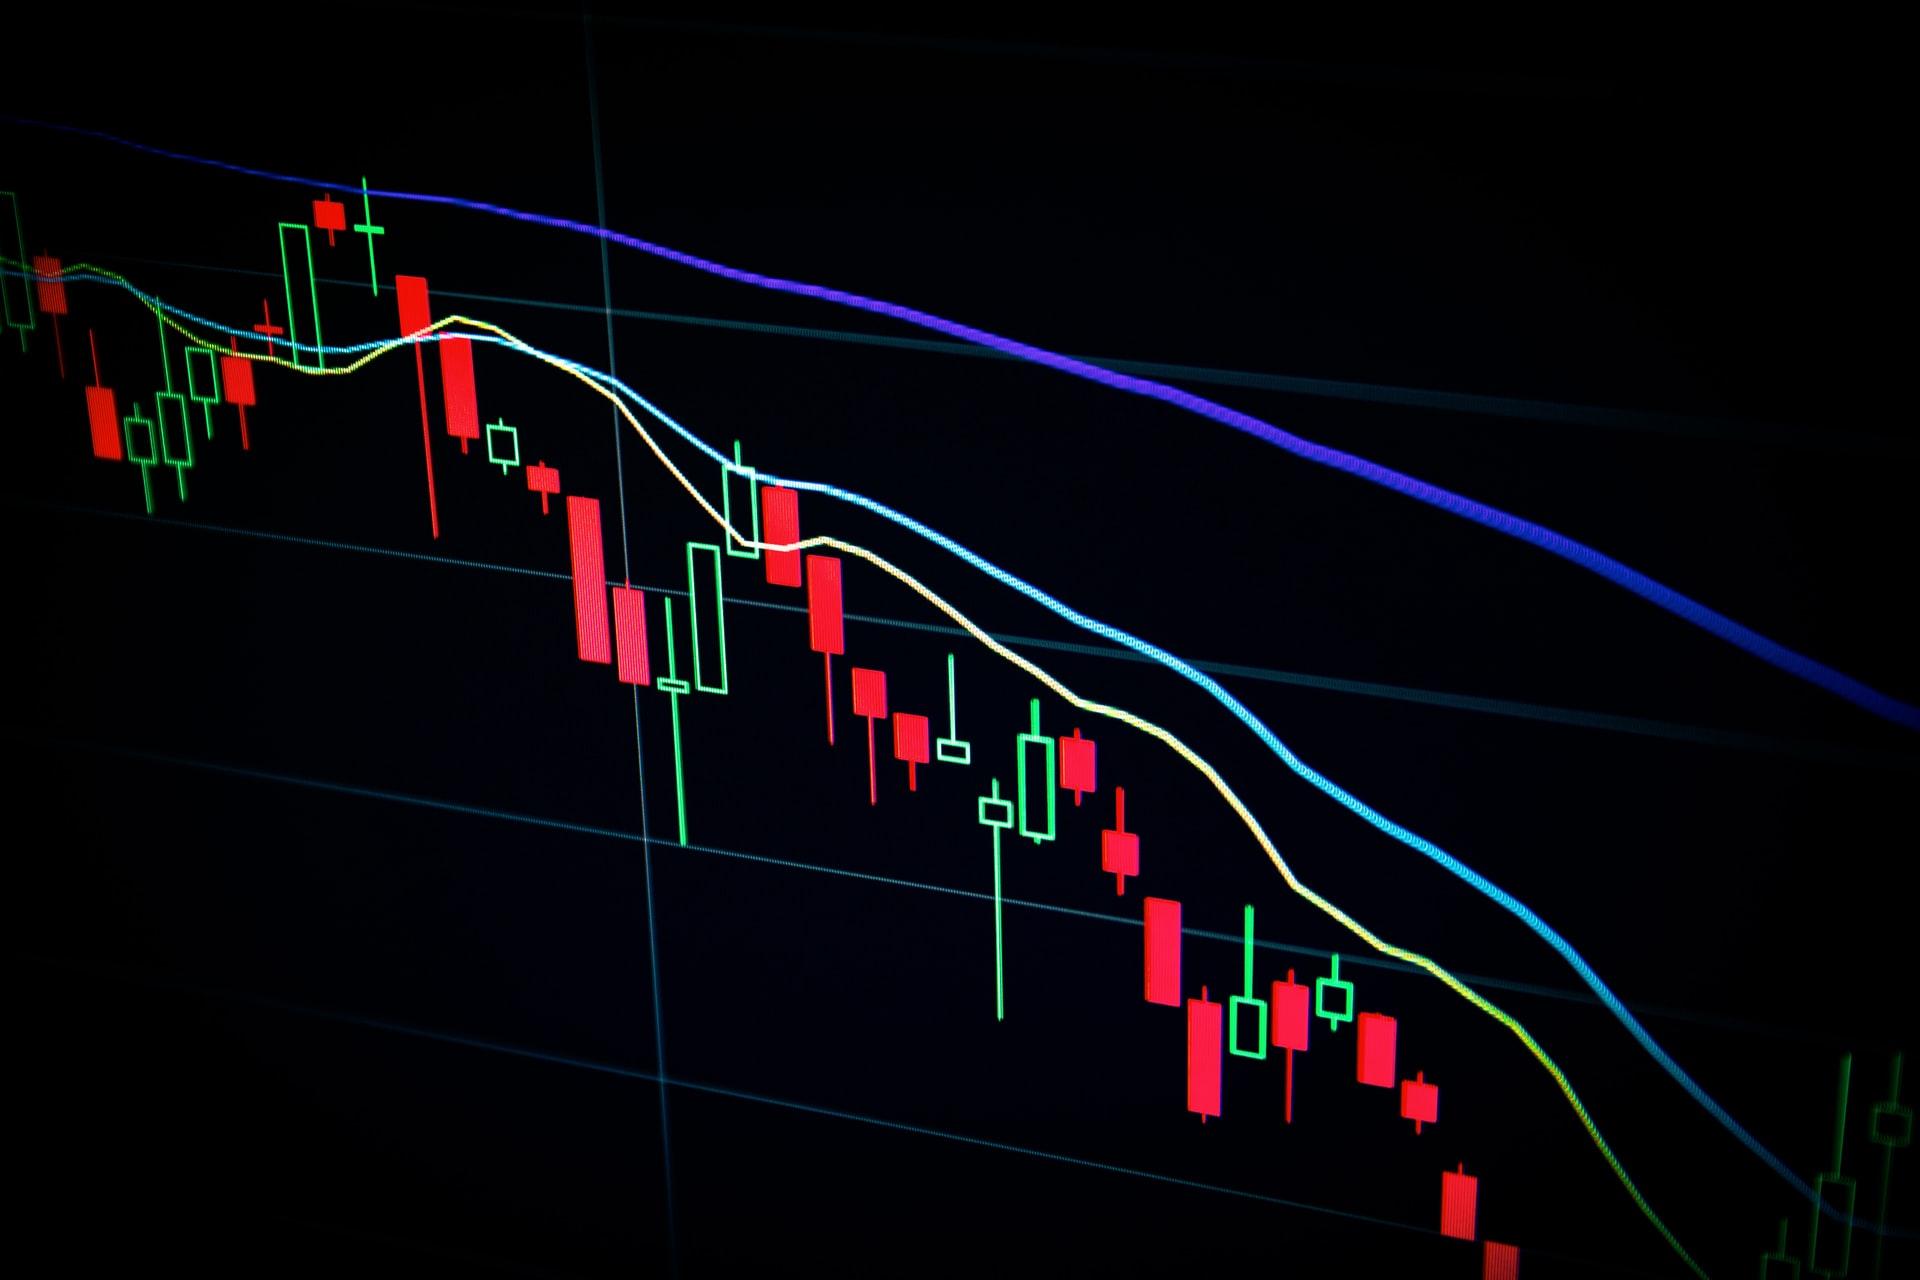 ¡Mercados en rojo! Bitcoin y las principales criptomonedas van a la baja este 28 de septiembre